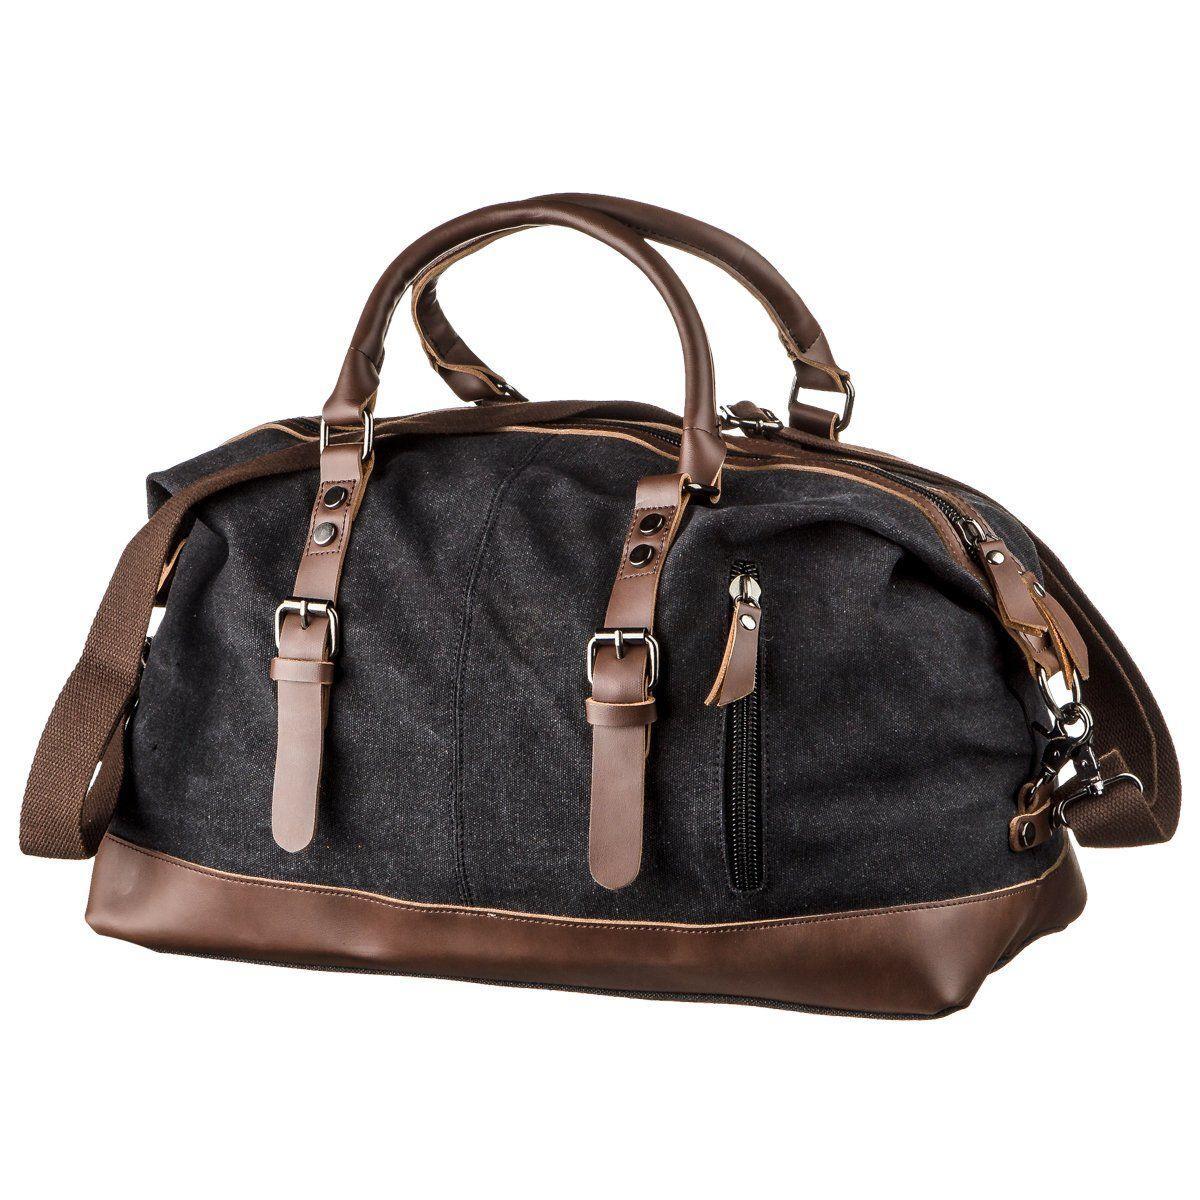 Дорожная сумка текстильная Vintage 20170 Черная